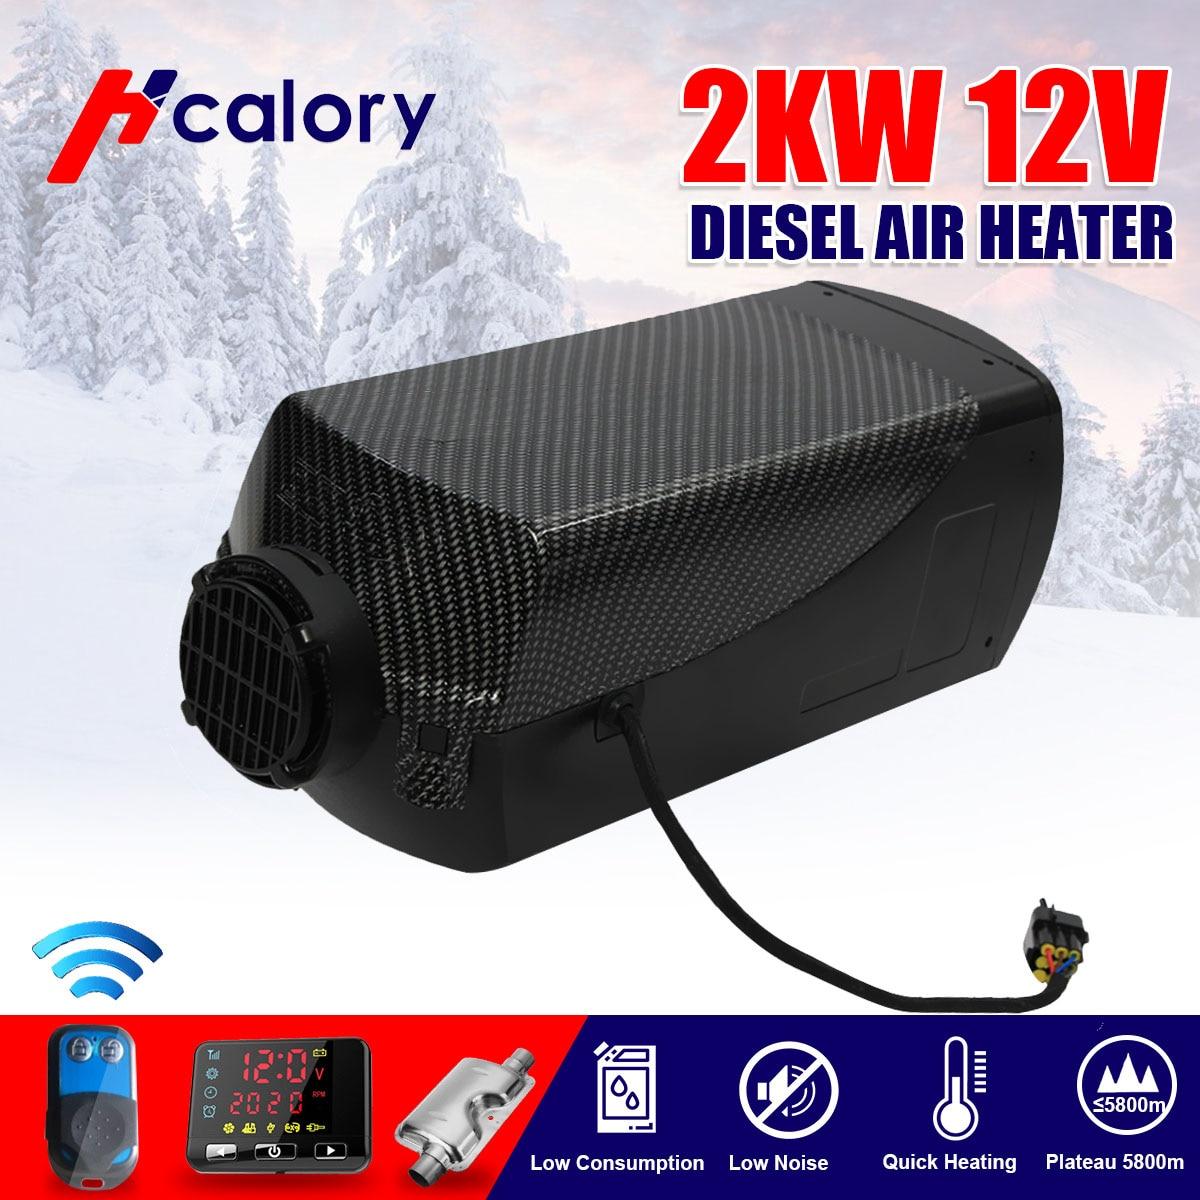 Voiture chauffage 12V 2KW pour Webasto Diesels chauffage 2000W voiture chauffage LCD moniteur + silencieux pour RV voiture camion moteur maison bateau Motorhom